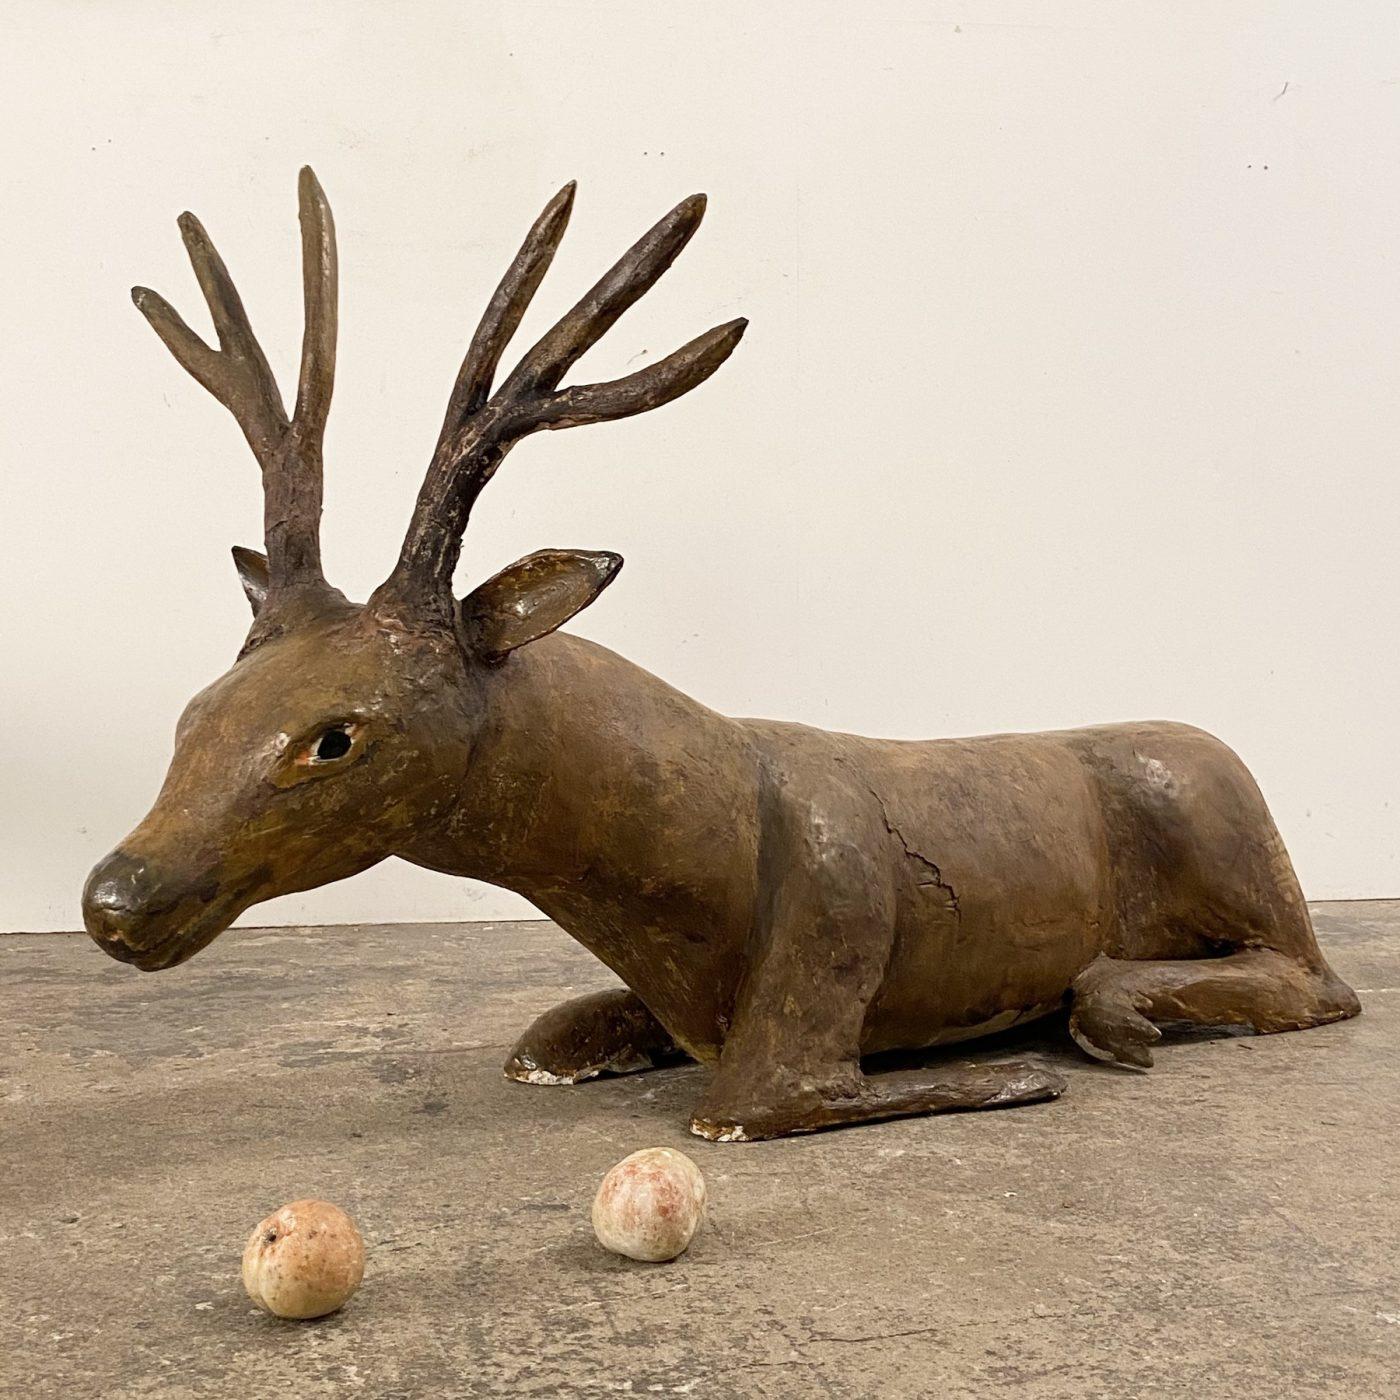 objet-vagabond-concrete-sculpture0010